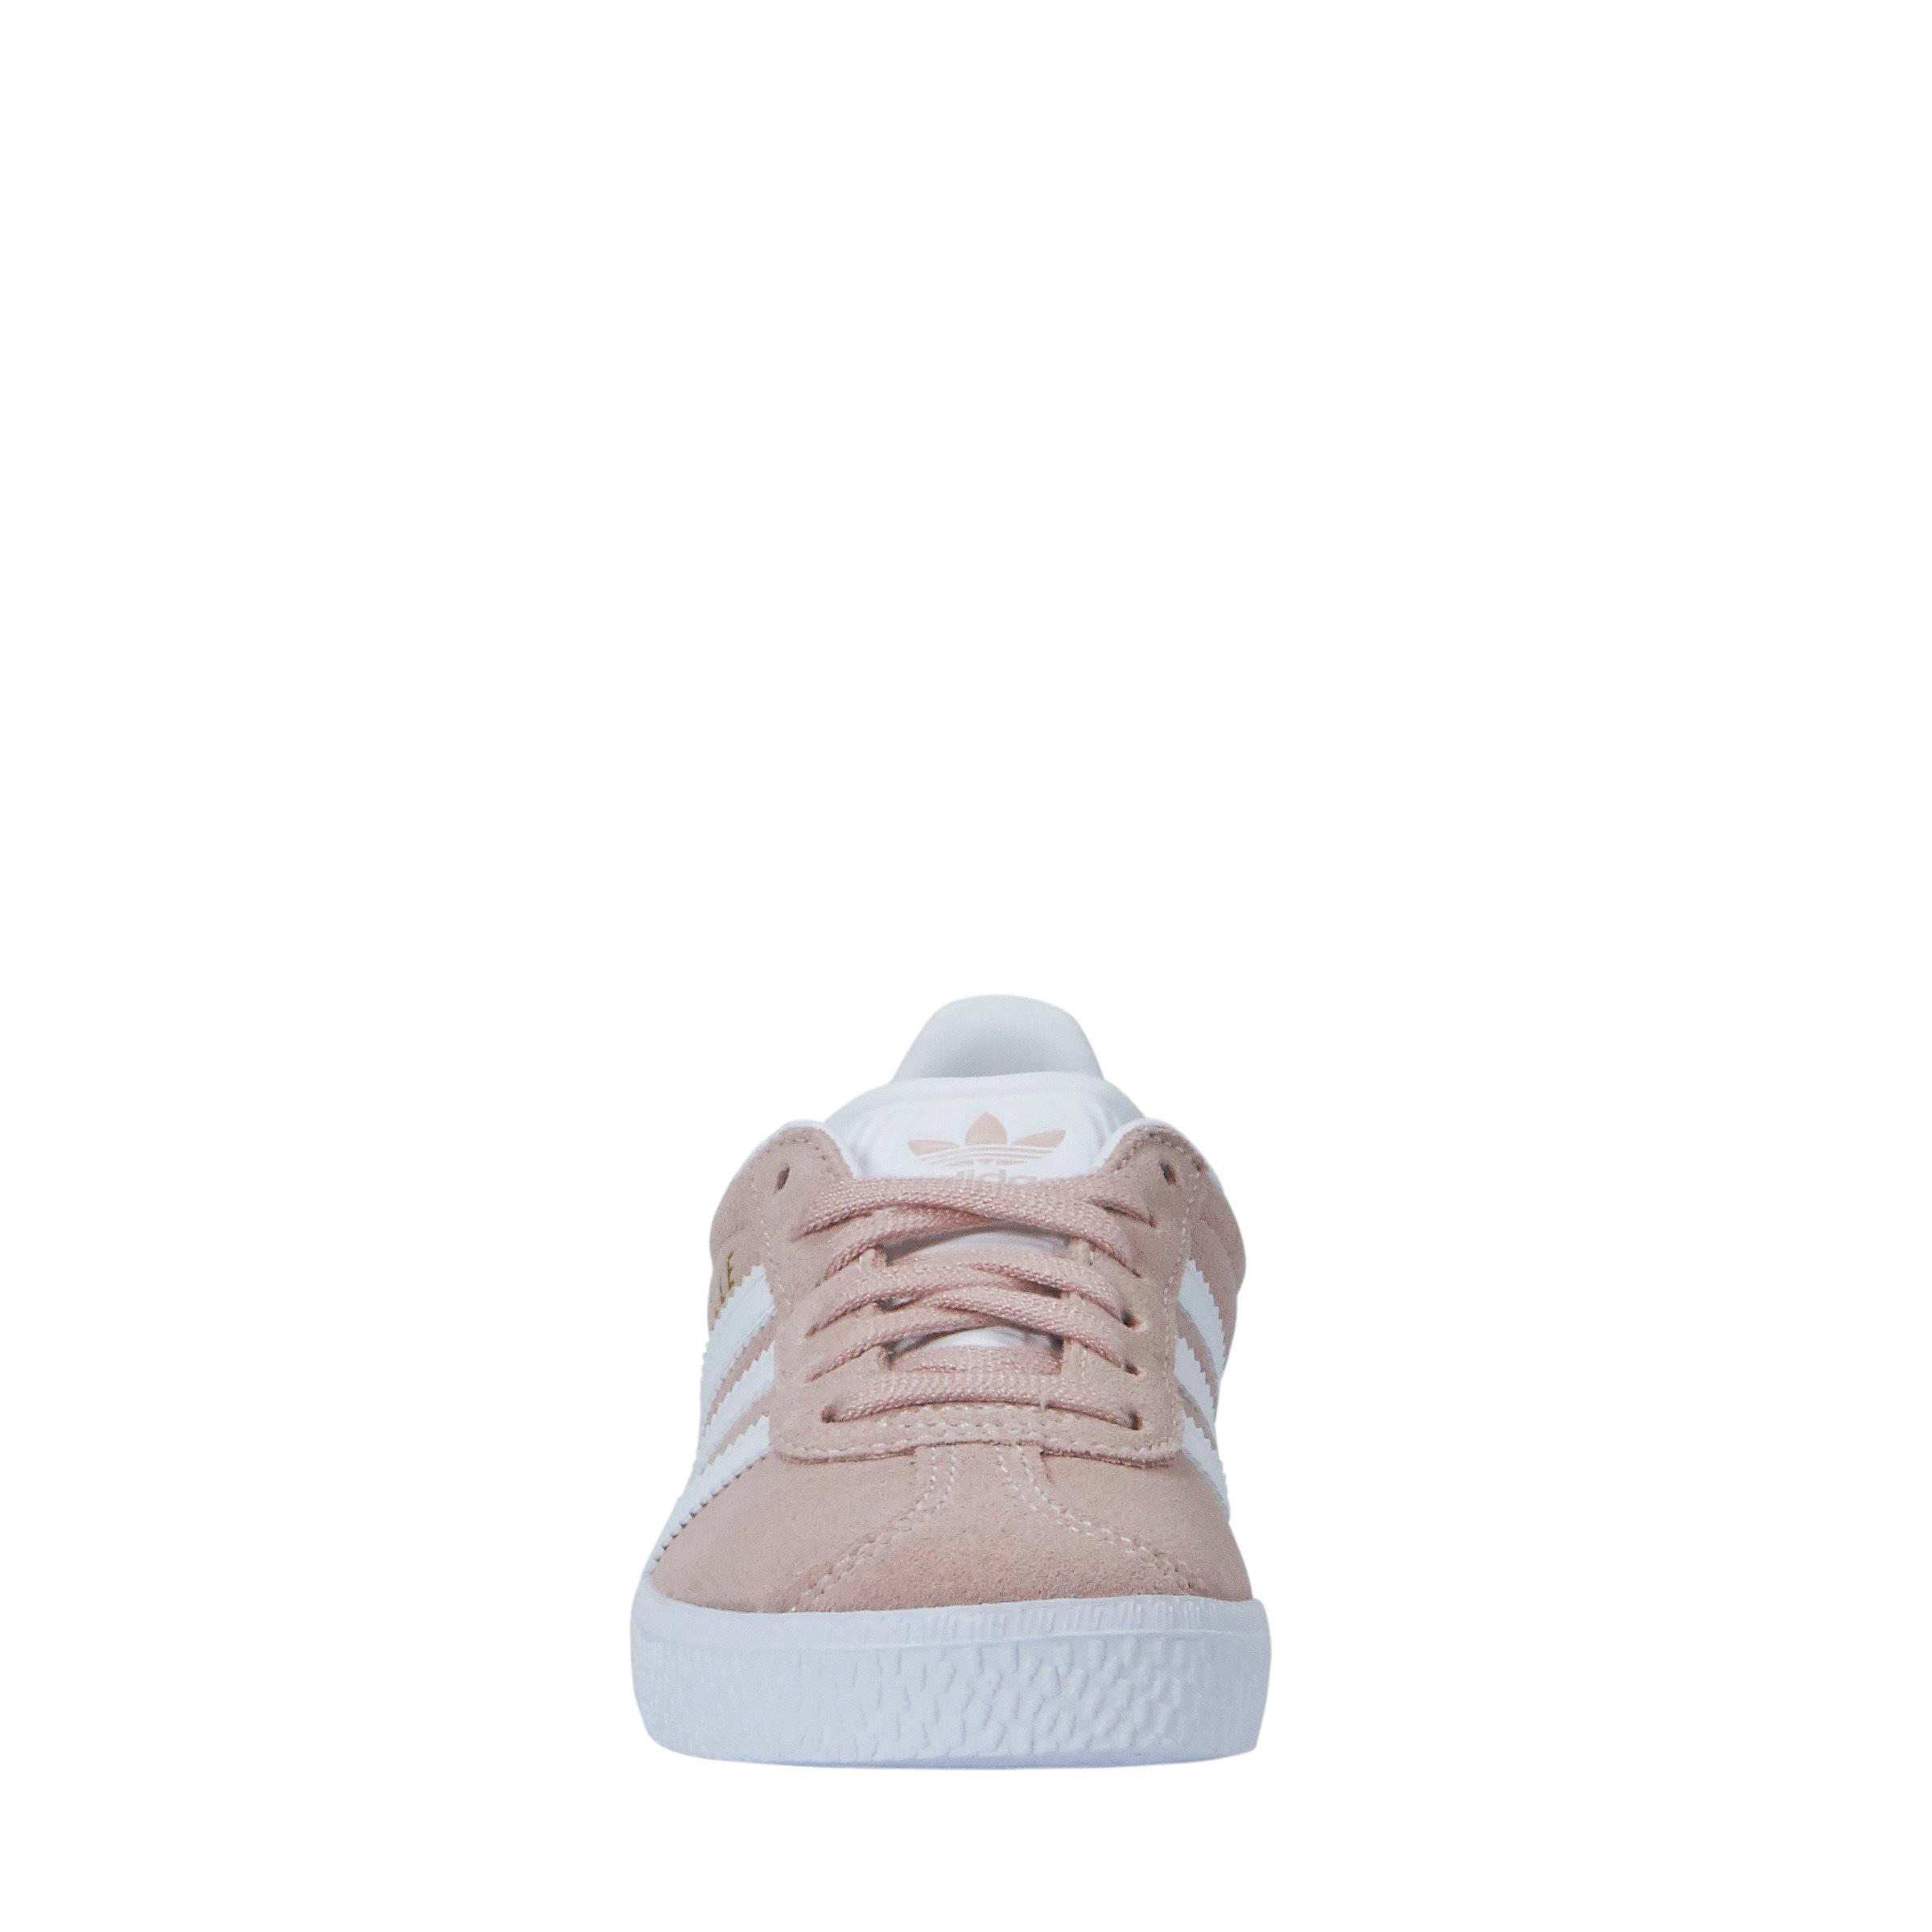 adidas originals Gazelle CF I sneakers lichtroze | wehkamp